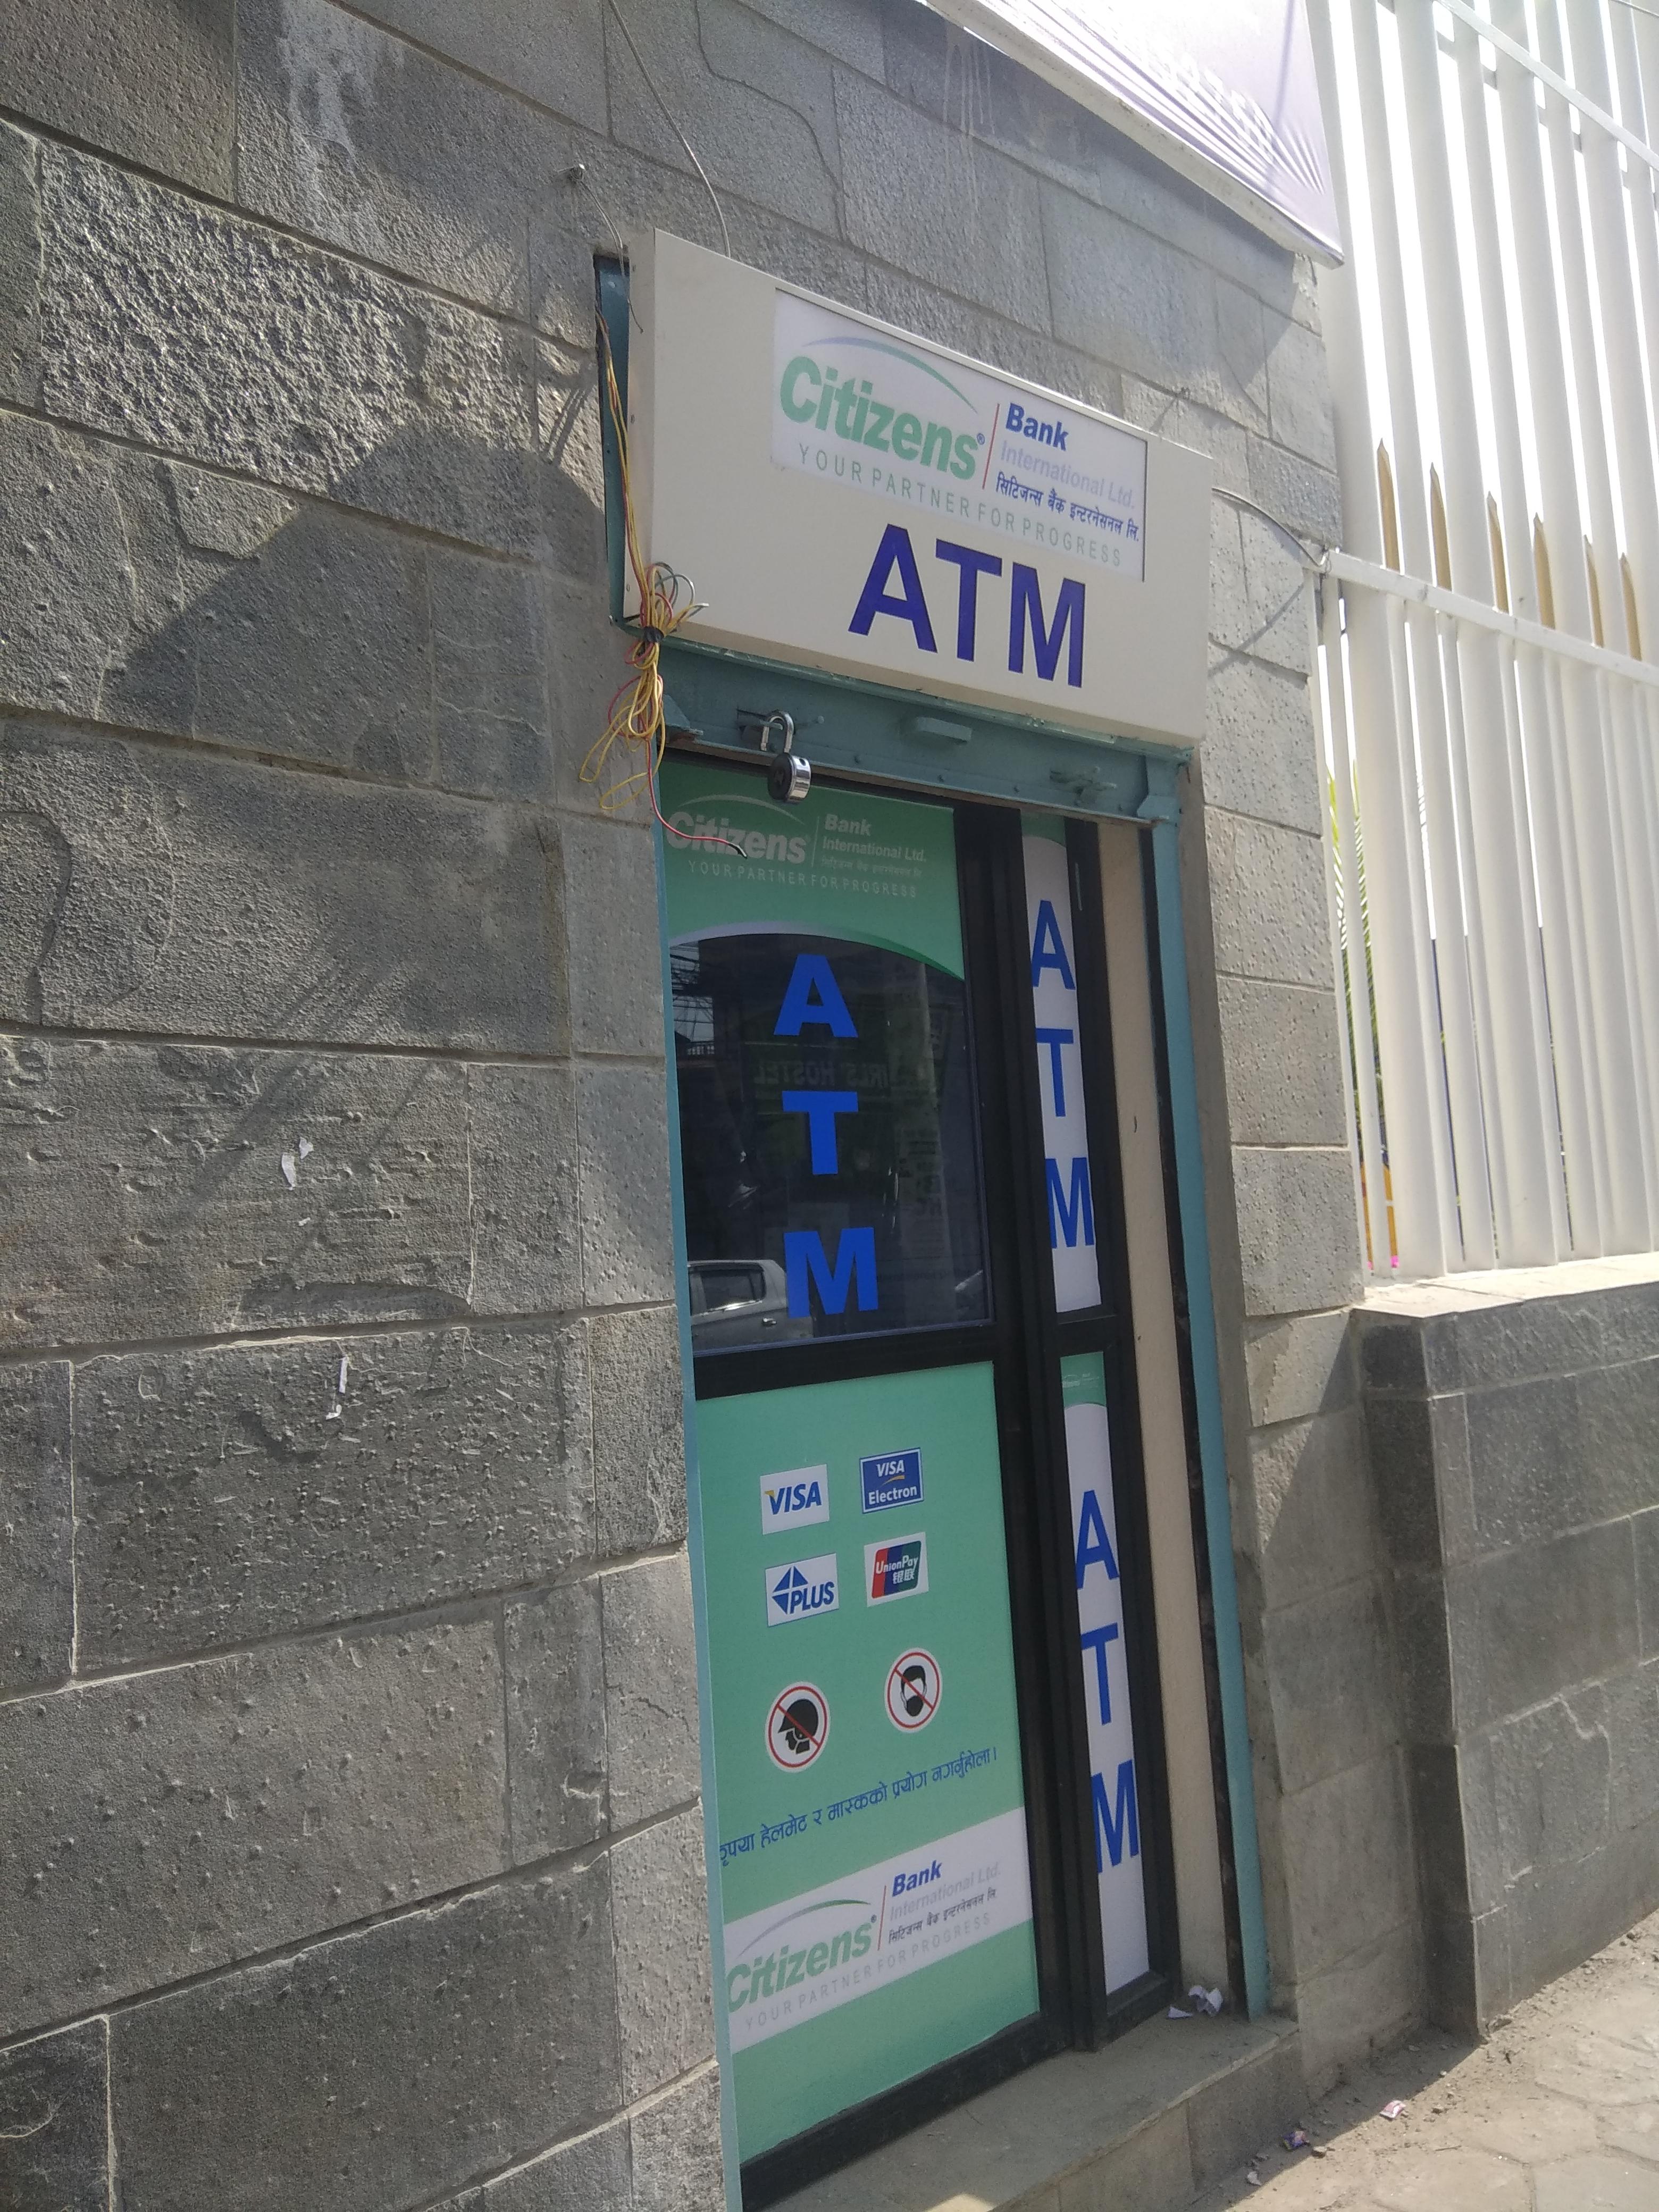 सिटिजन्स बैंकद्वारा काठमाडौंको मध्य वानेश्वरमा एटीएम सञ्चालन